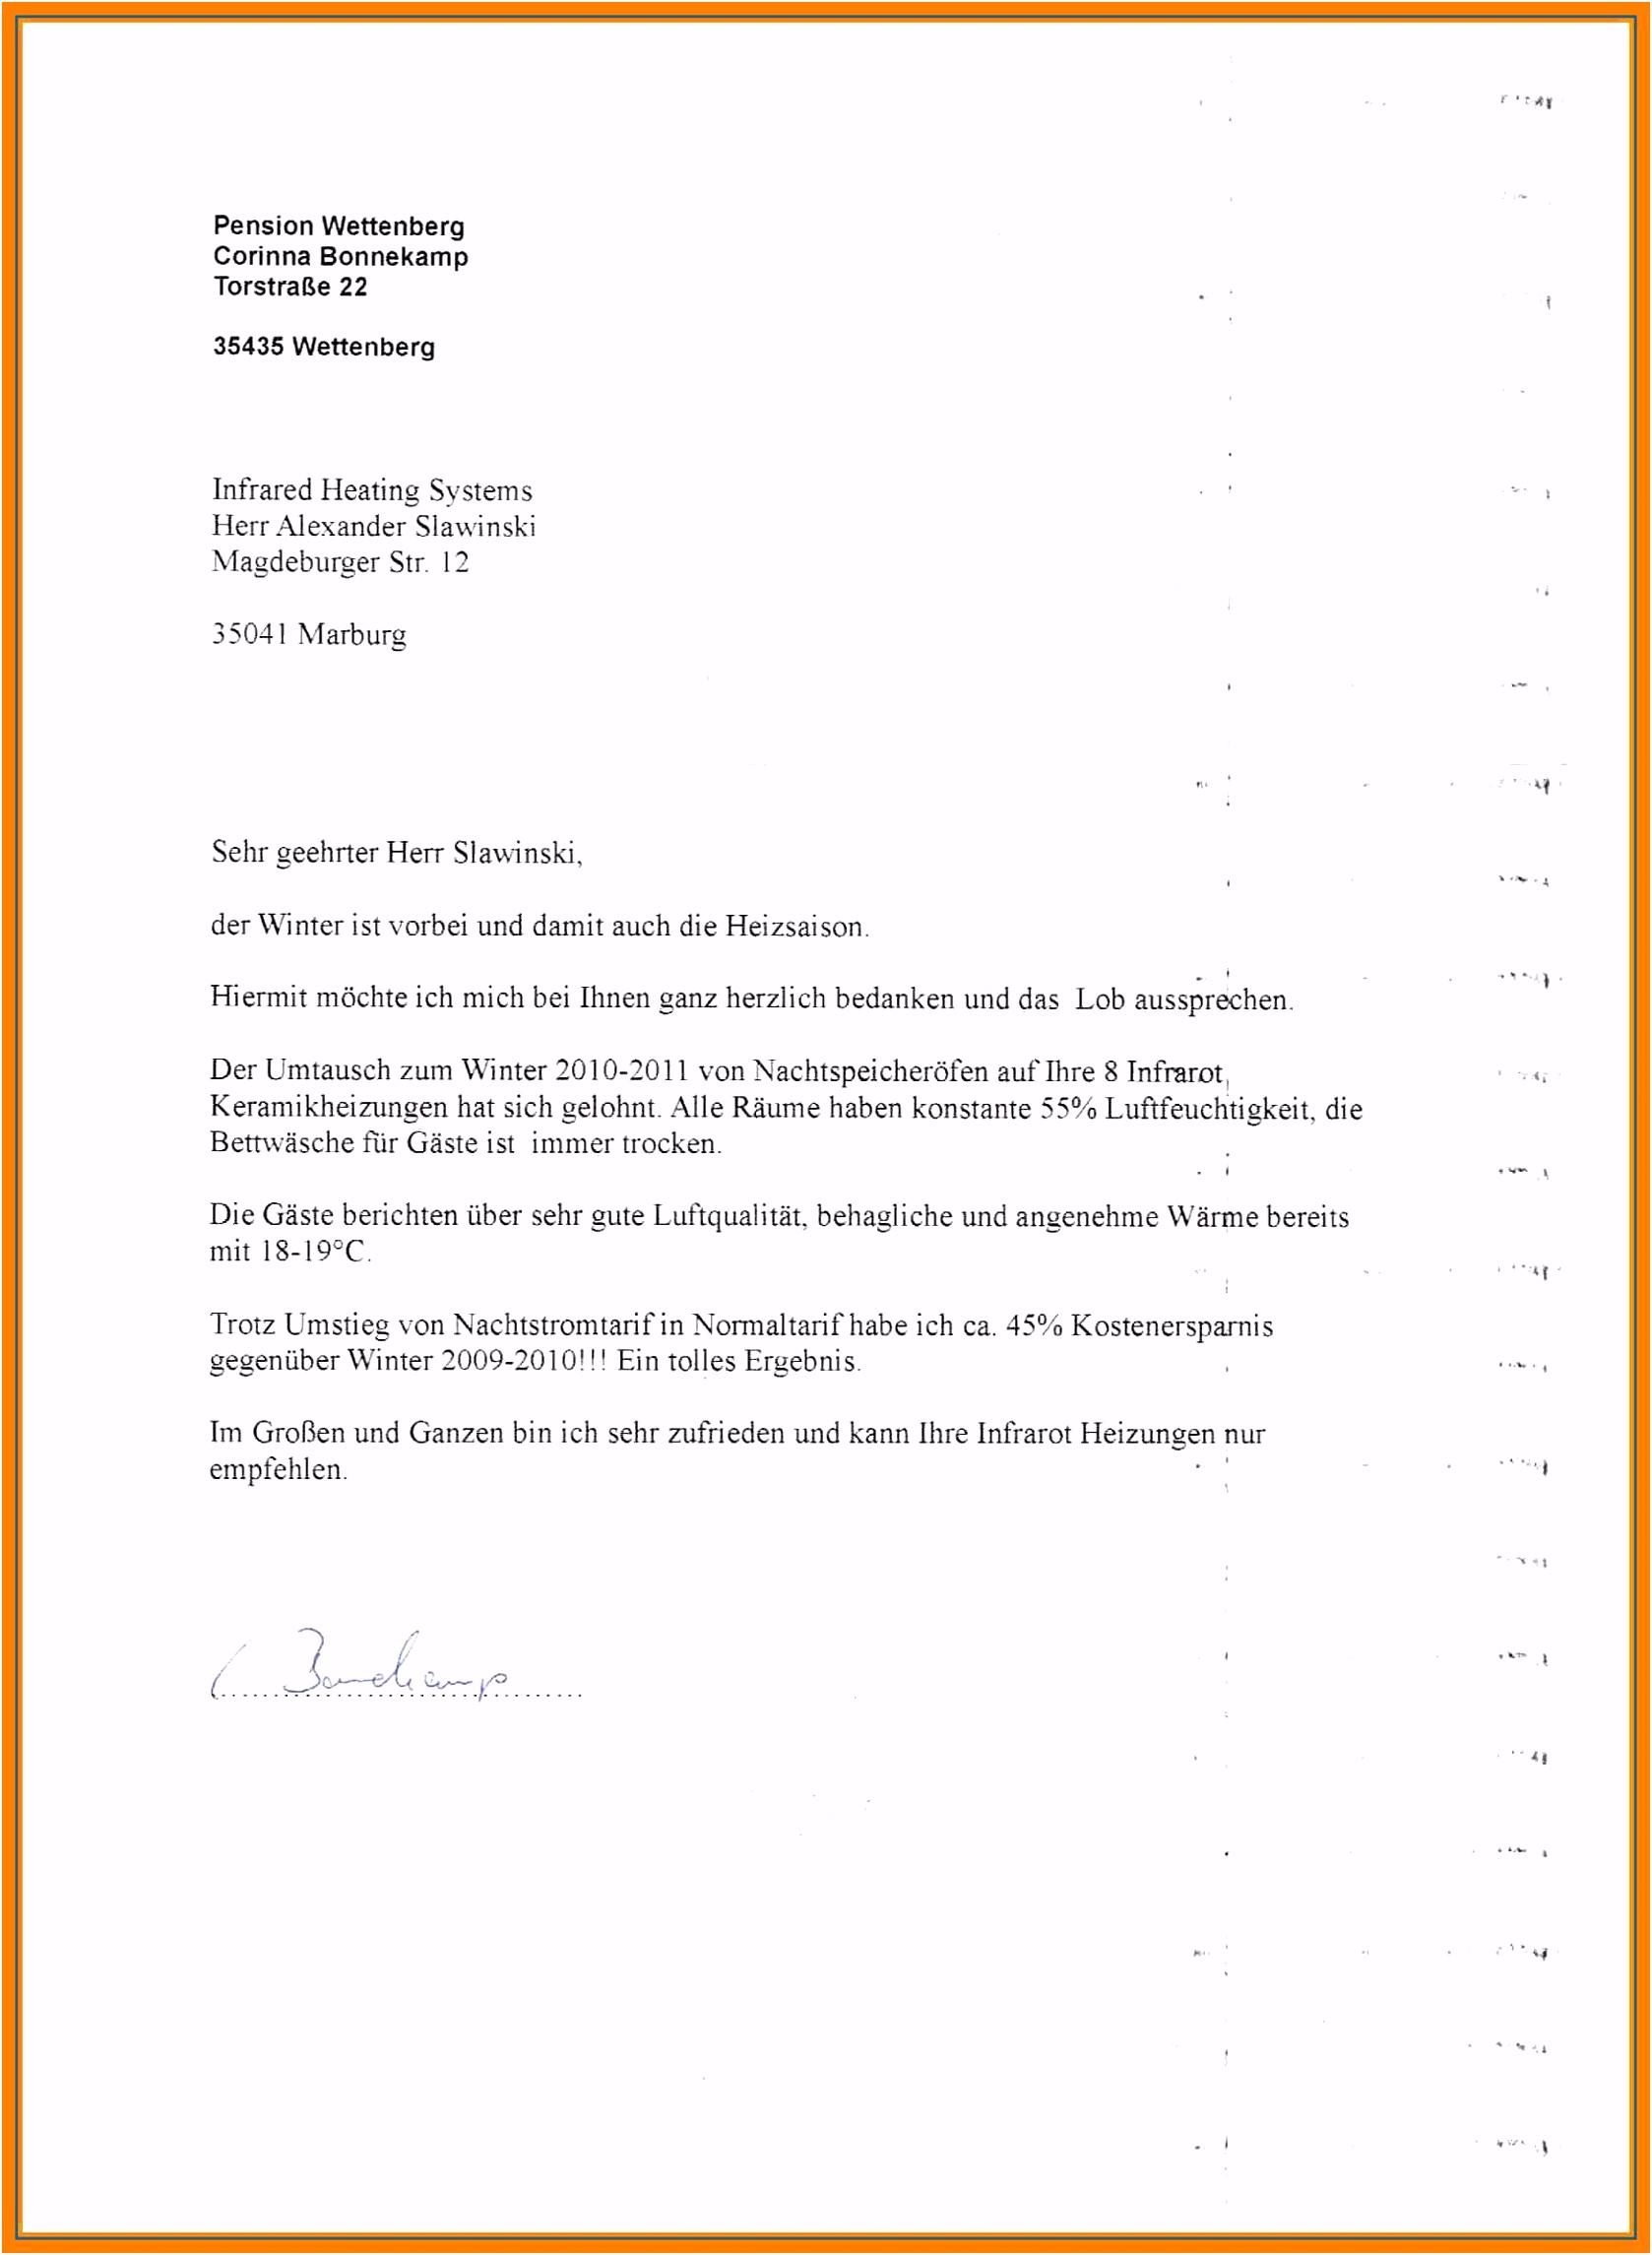 Geschaftsbrief Angebot Vorlage 10 Geschäftsbrief Angebot Muster I1uo70djs1 Ourku2zhls